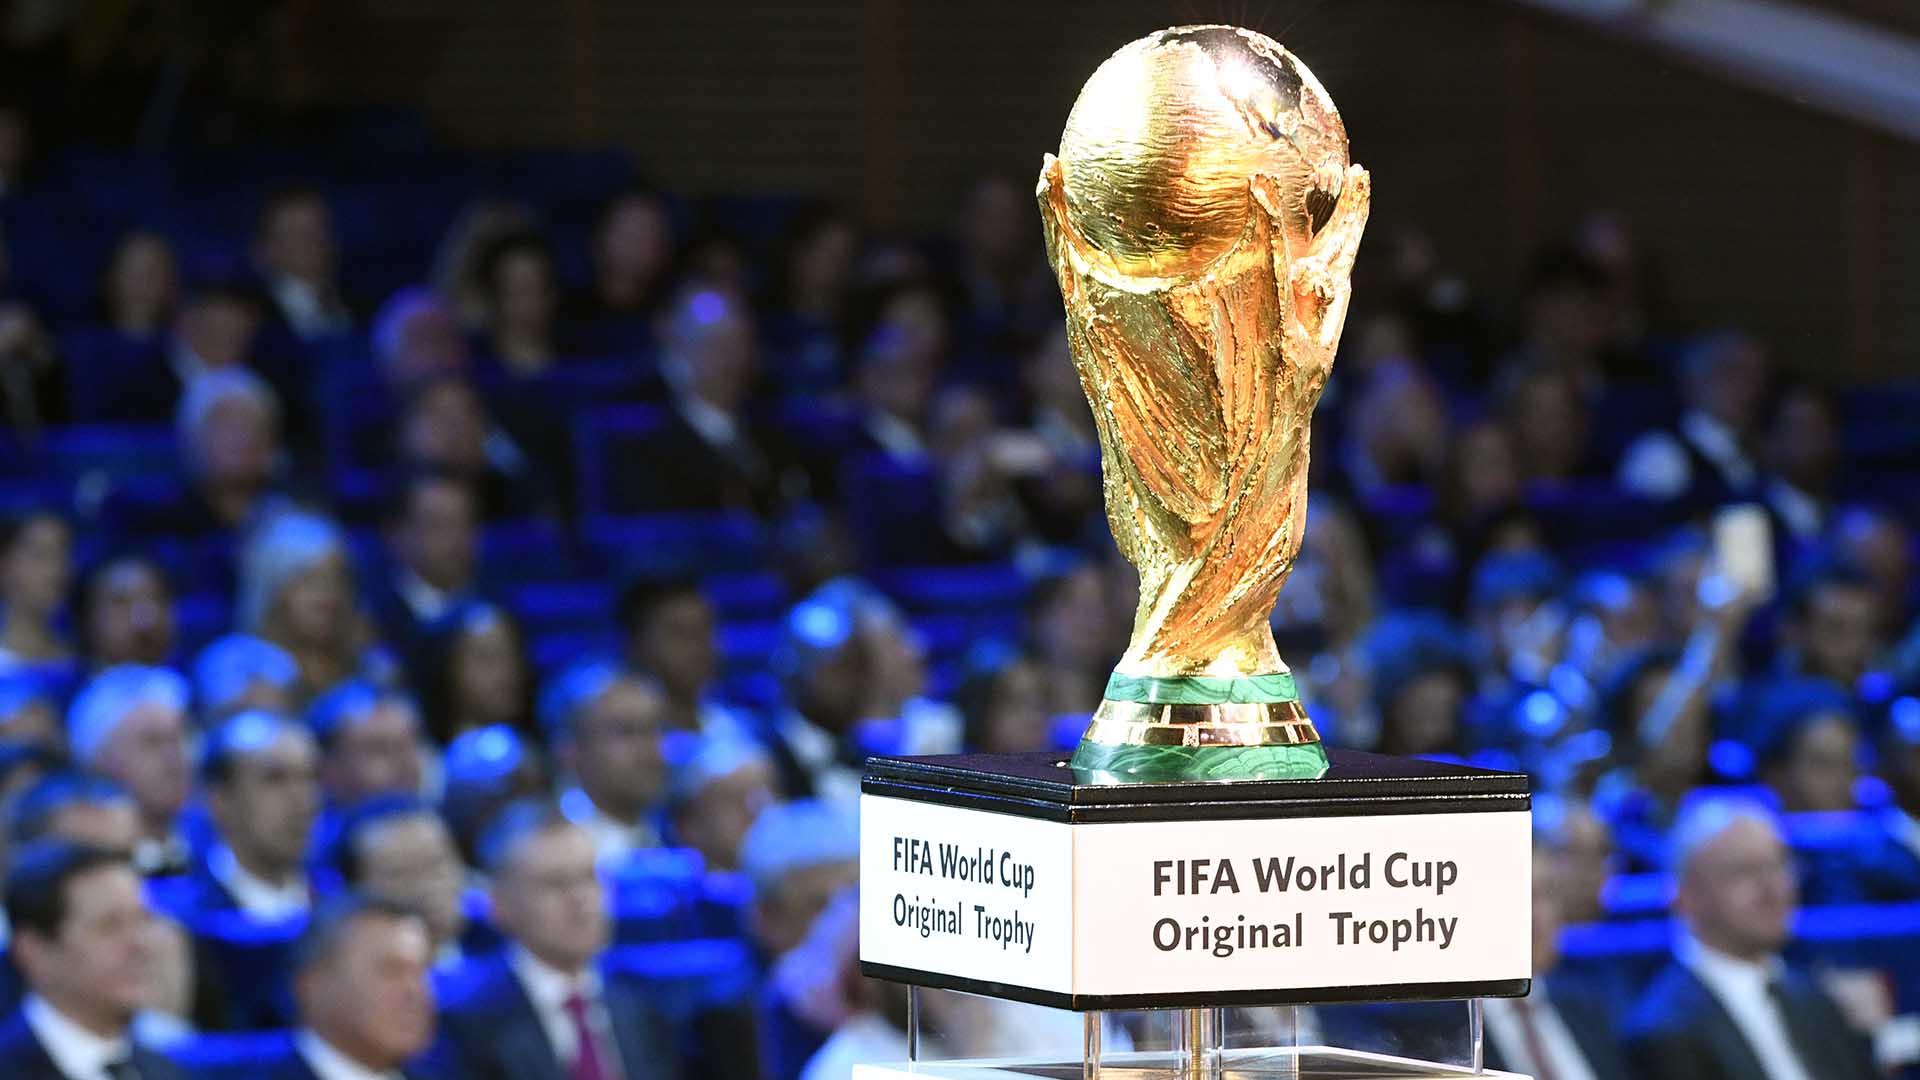 El sueño de todos: la copa que todo quieren levantar en Moscú(AFP PHOTO / Alexander NEMENOV)